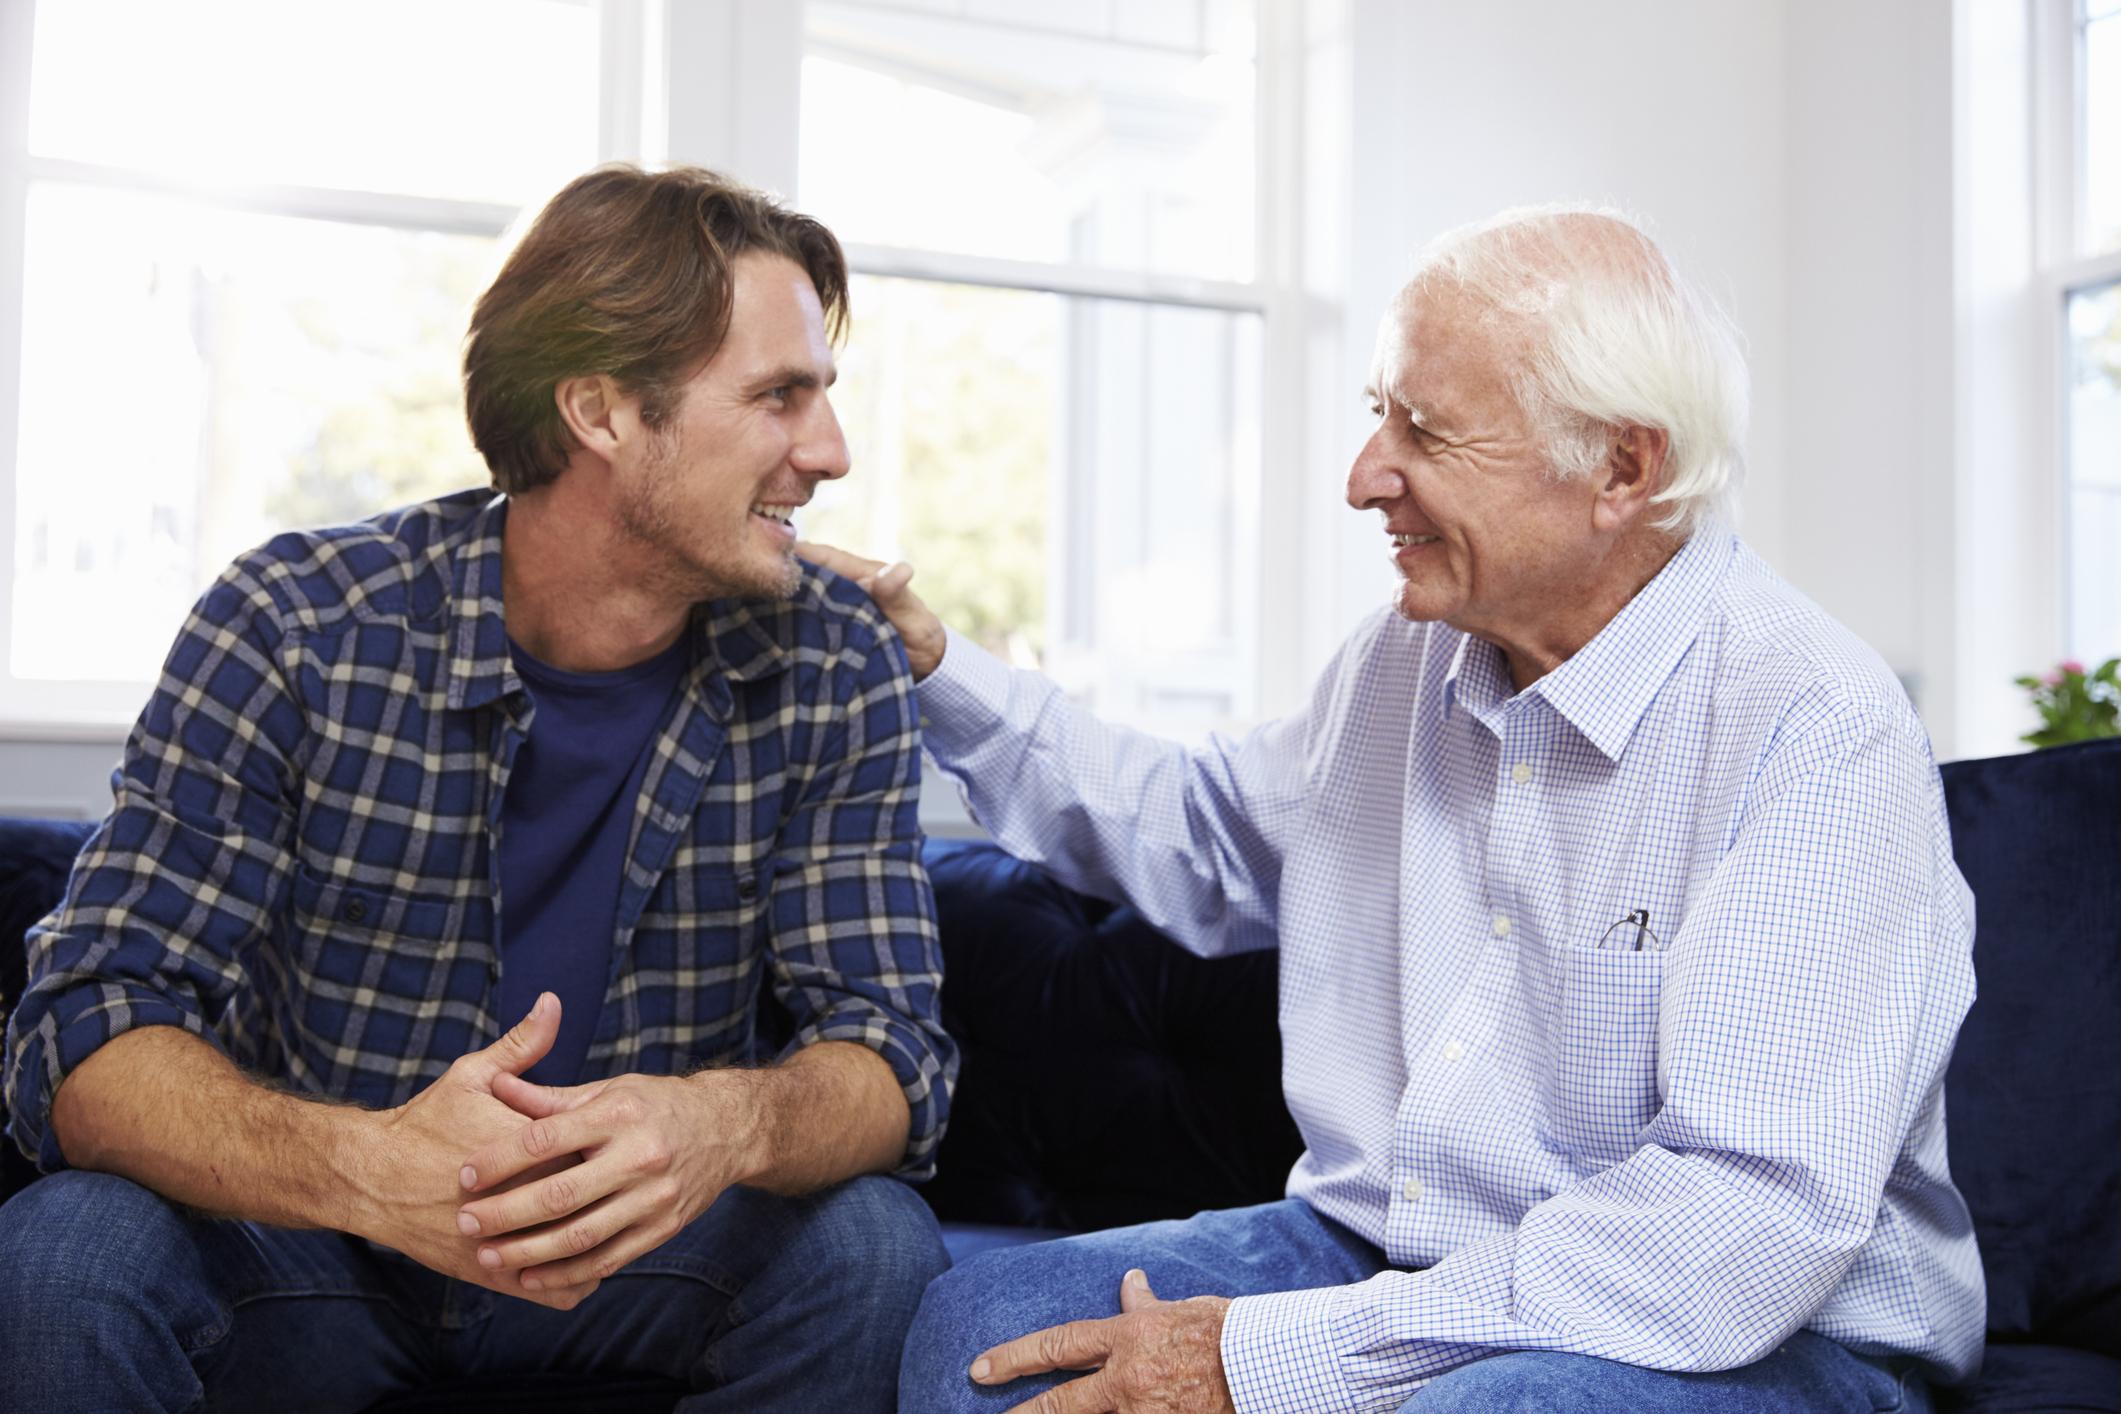 Older man patting younger man on the shoulder